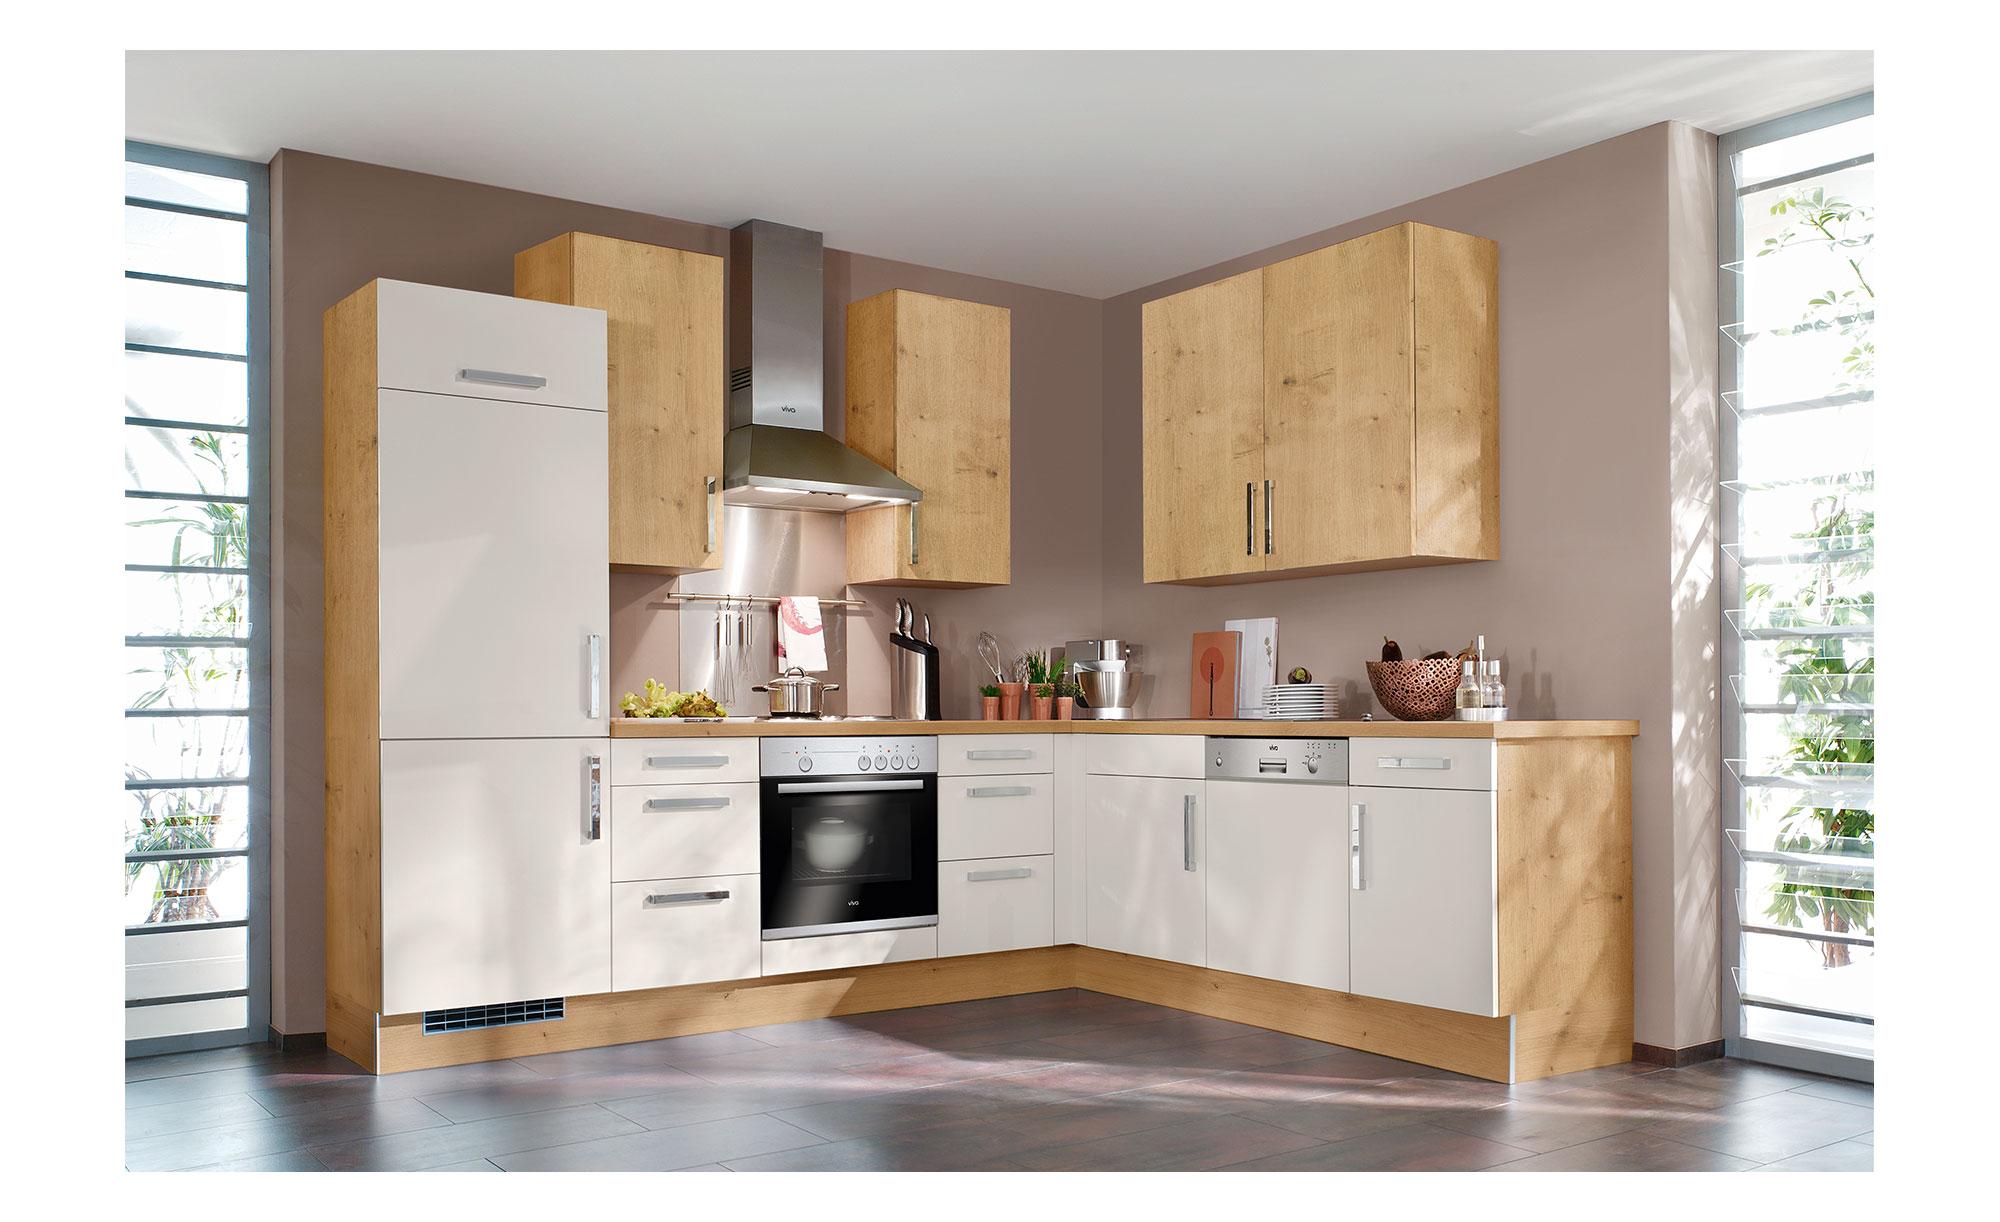 Full Size of Küche Nolte Ausstellung Grifflose Küche Nolte Küche Nolte Abverkauf Jalousieschrank Küche Nolte Küche Küche Nolte